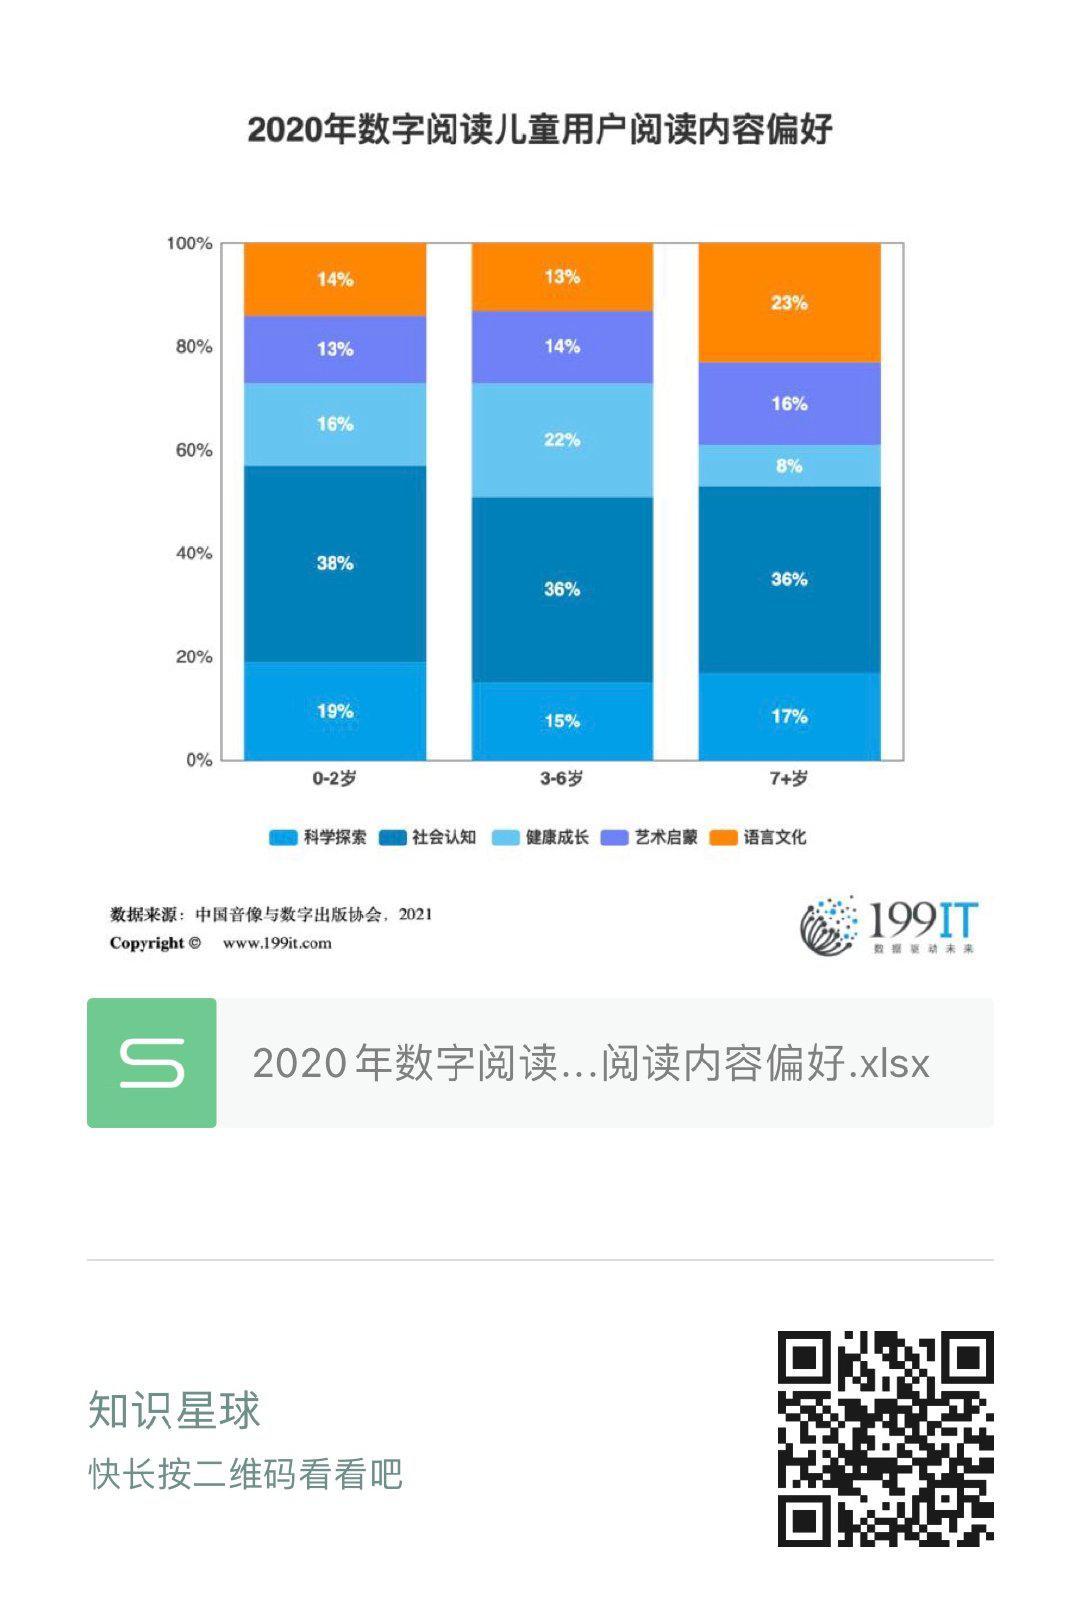 2020年數字閱讀兒童使用者閱讀內容偏好(附原資料表) 